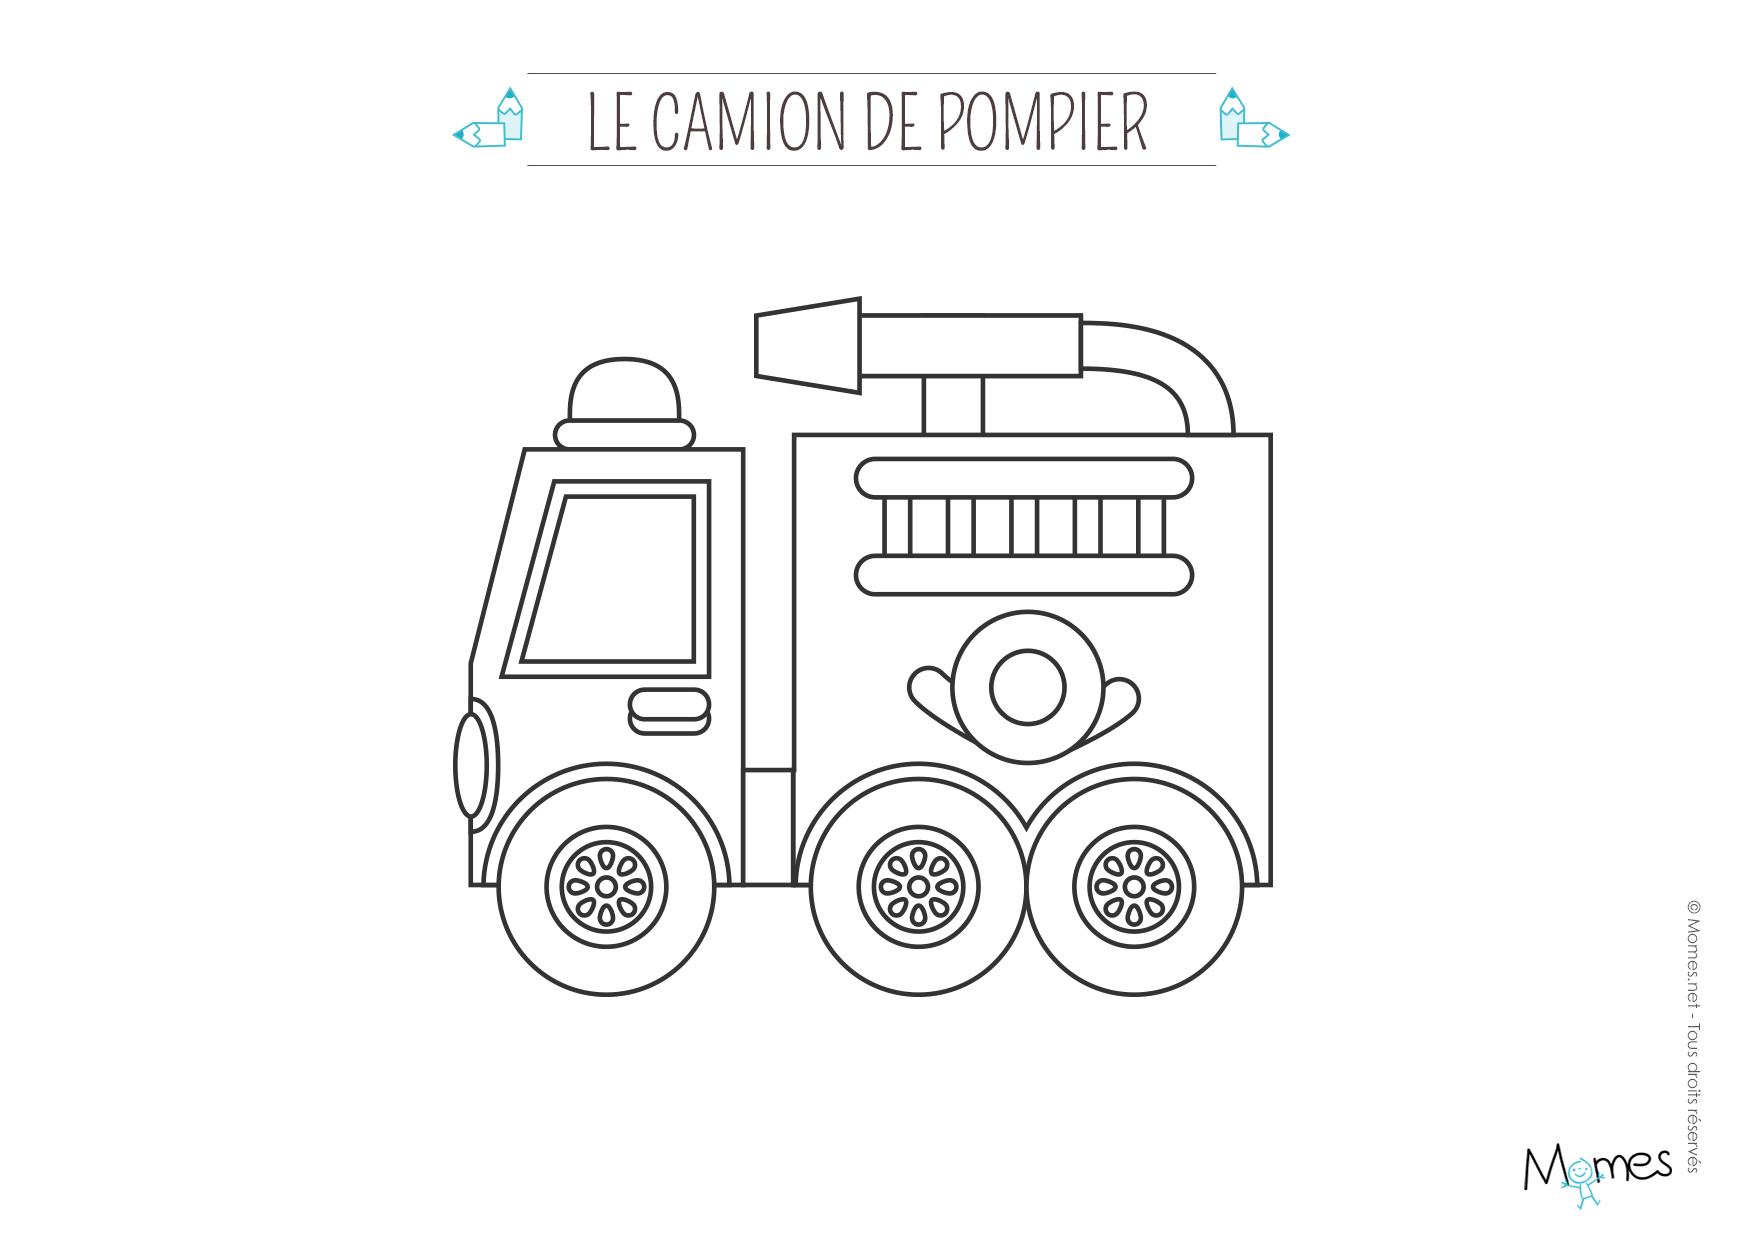 Camion De Pompier #50 (Transport) – Coloriages À Imprimer avec Dessin De Pompier À Imprimer